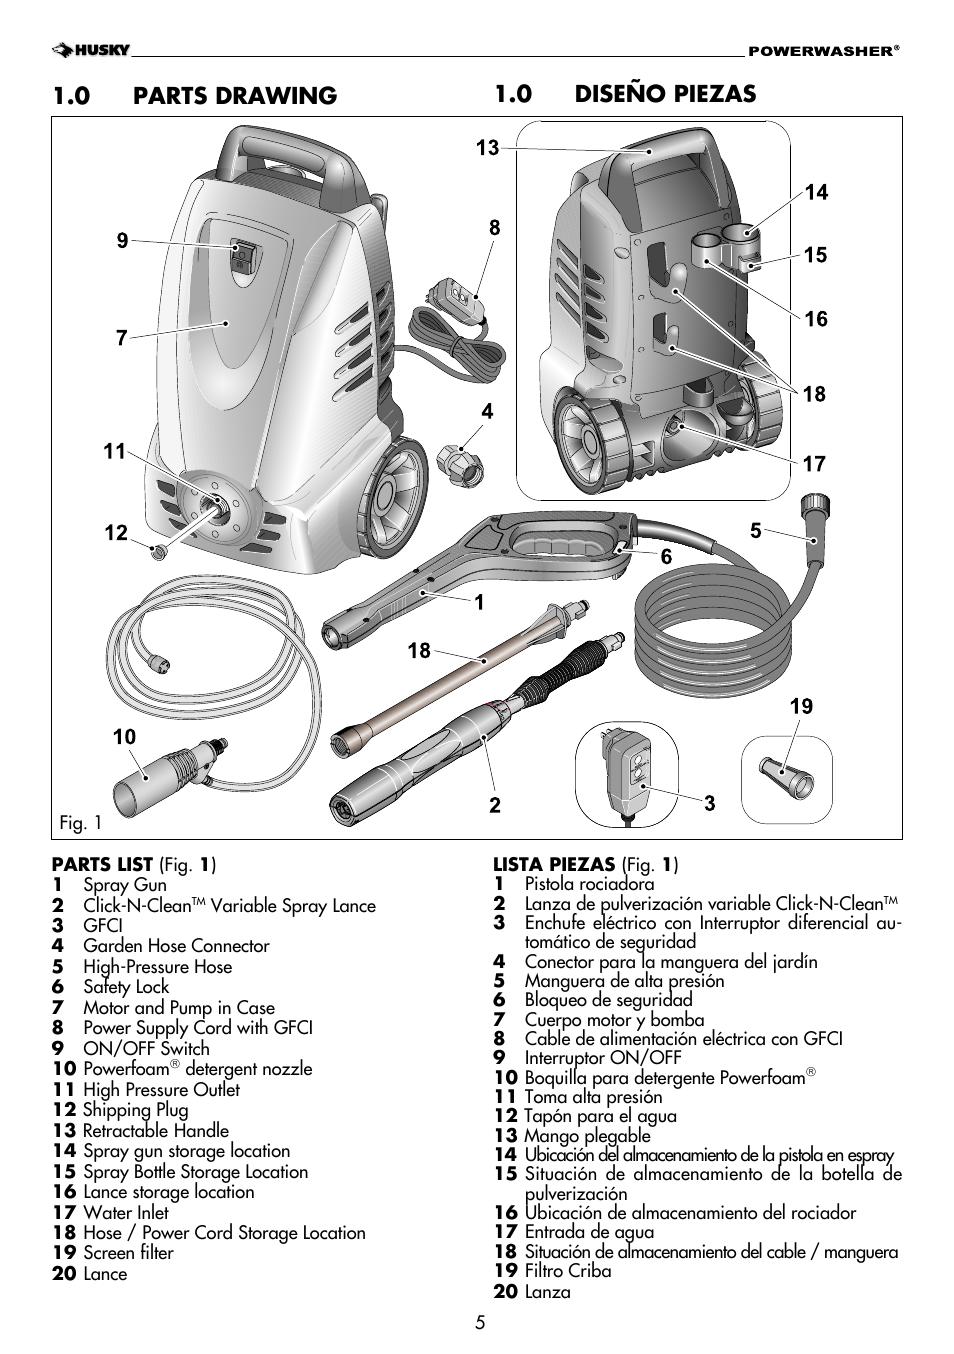 0 parts drawing, 0 diseño piezas | Husky H1600 User Manual | Page